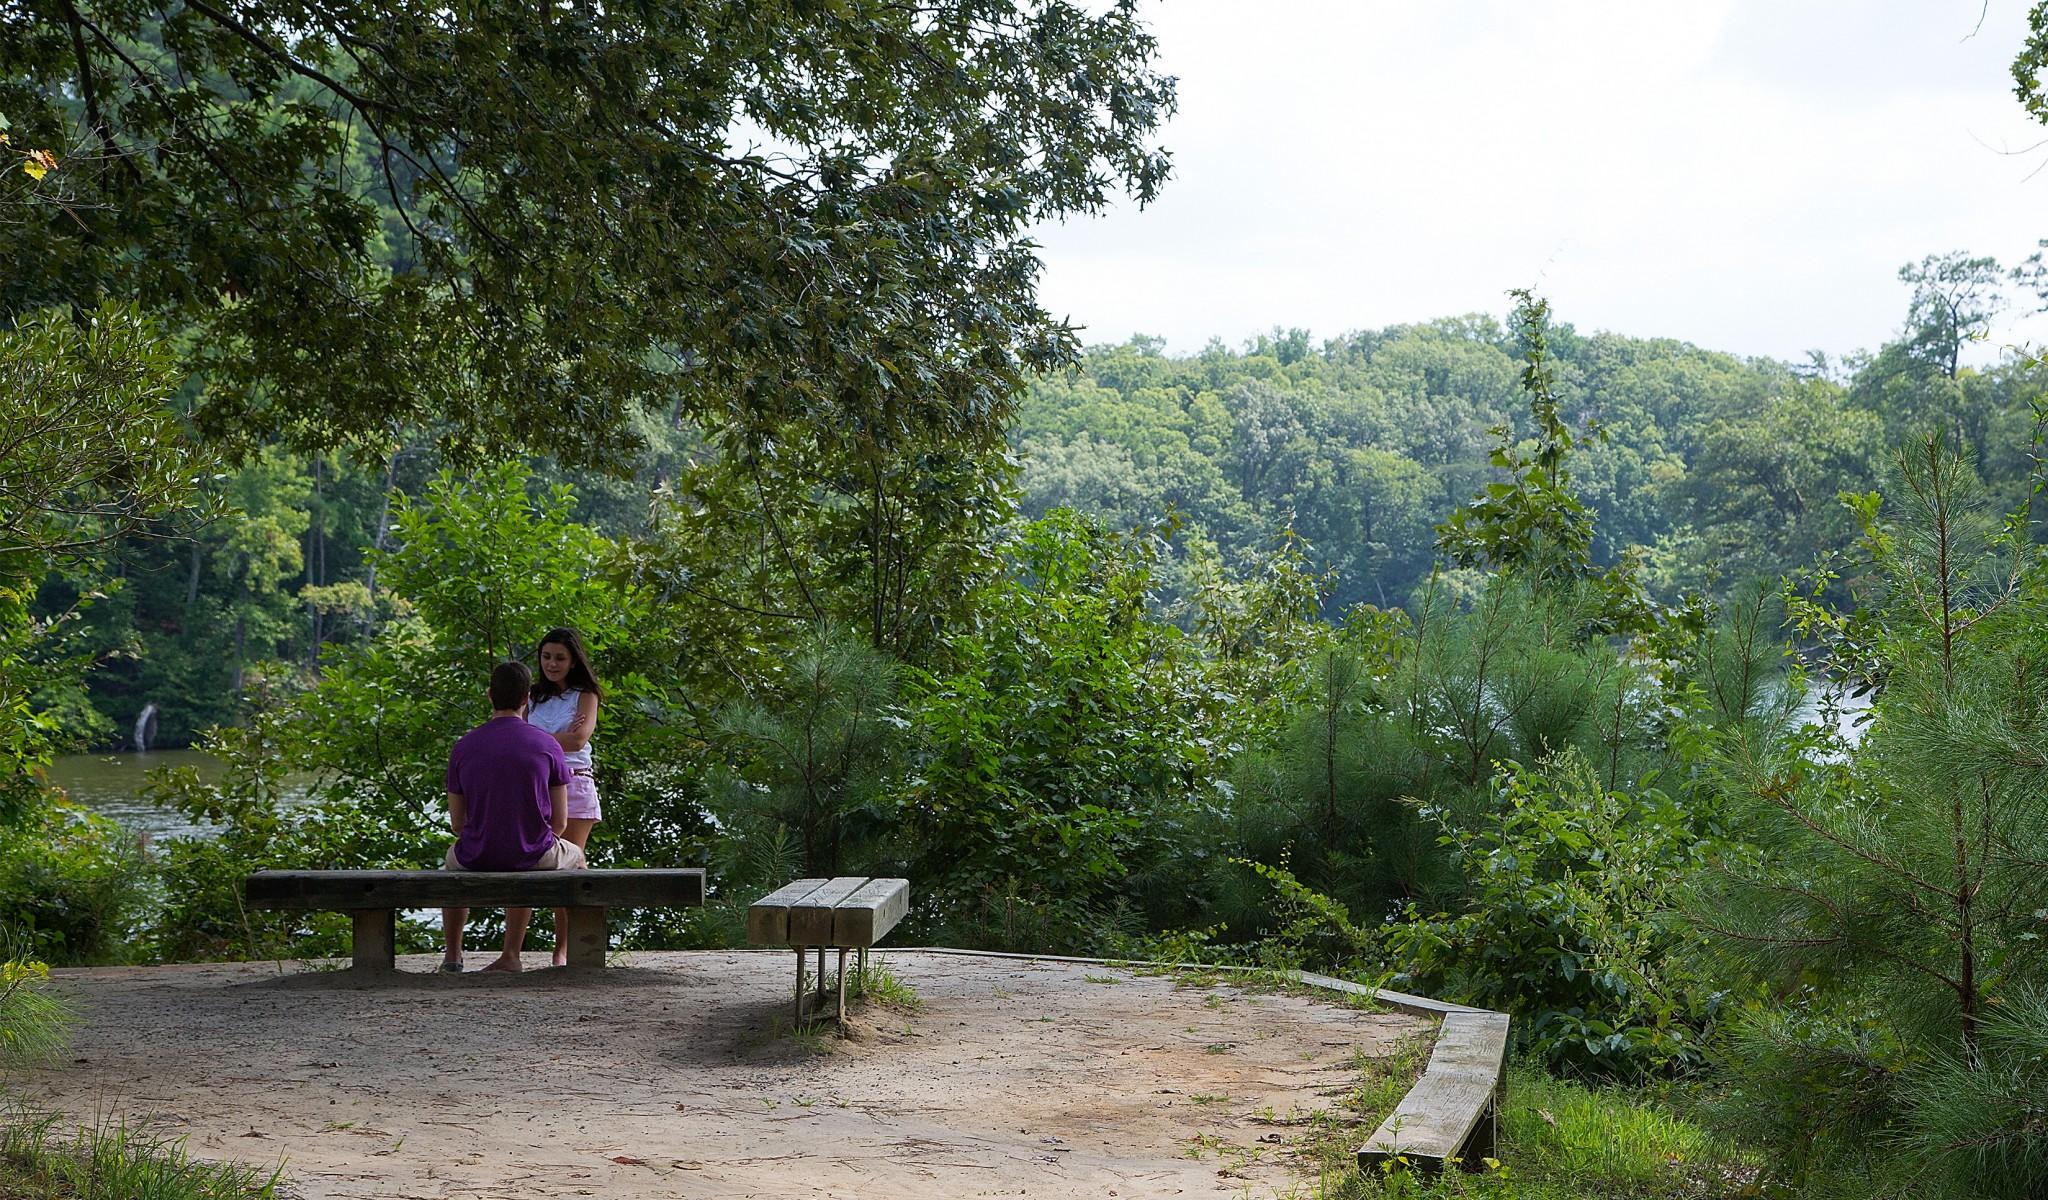 Noland Trail An Urban Oasis